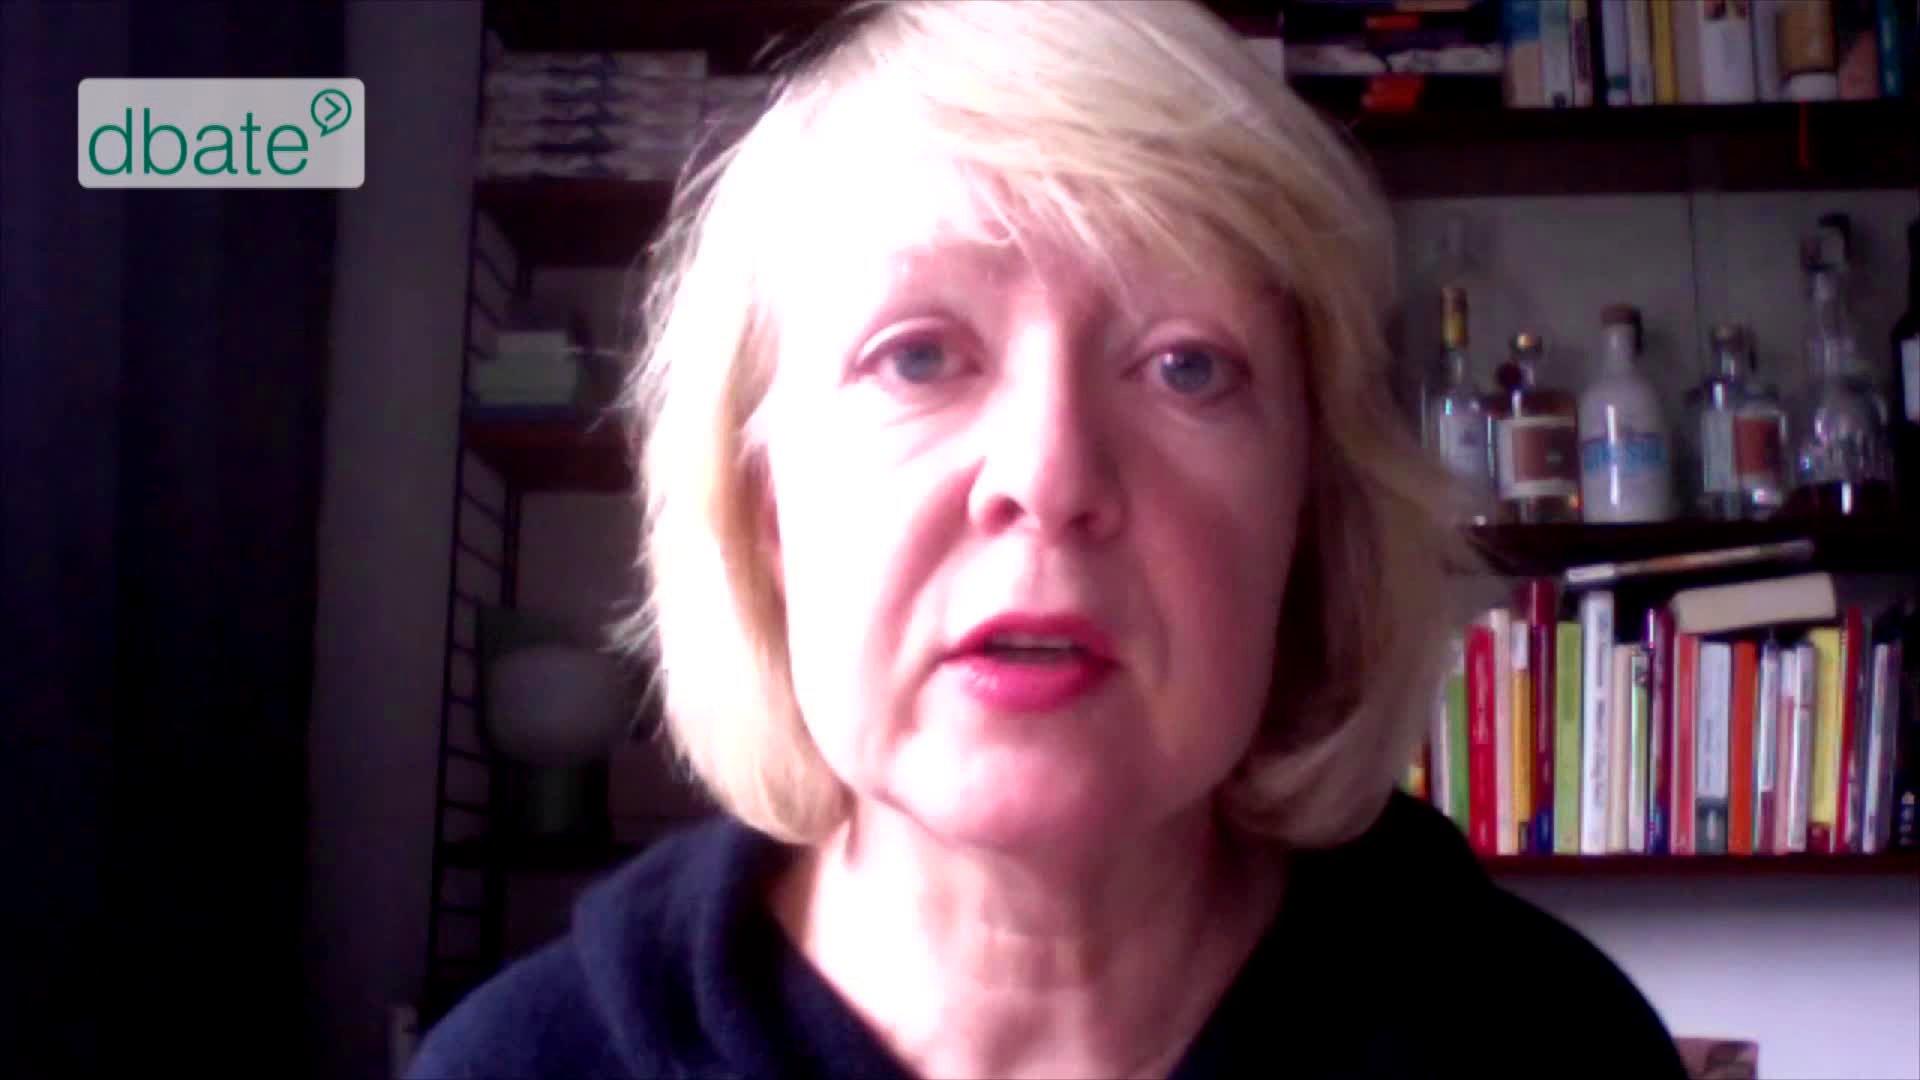 Meike Winnemuth im dbate-Skype-Interview über ihre Weltreise.